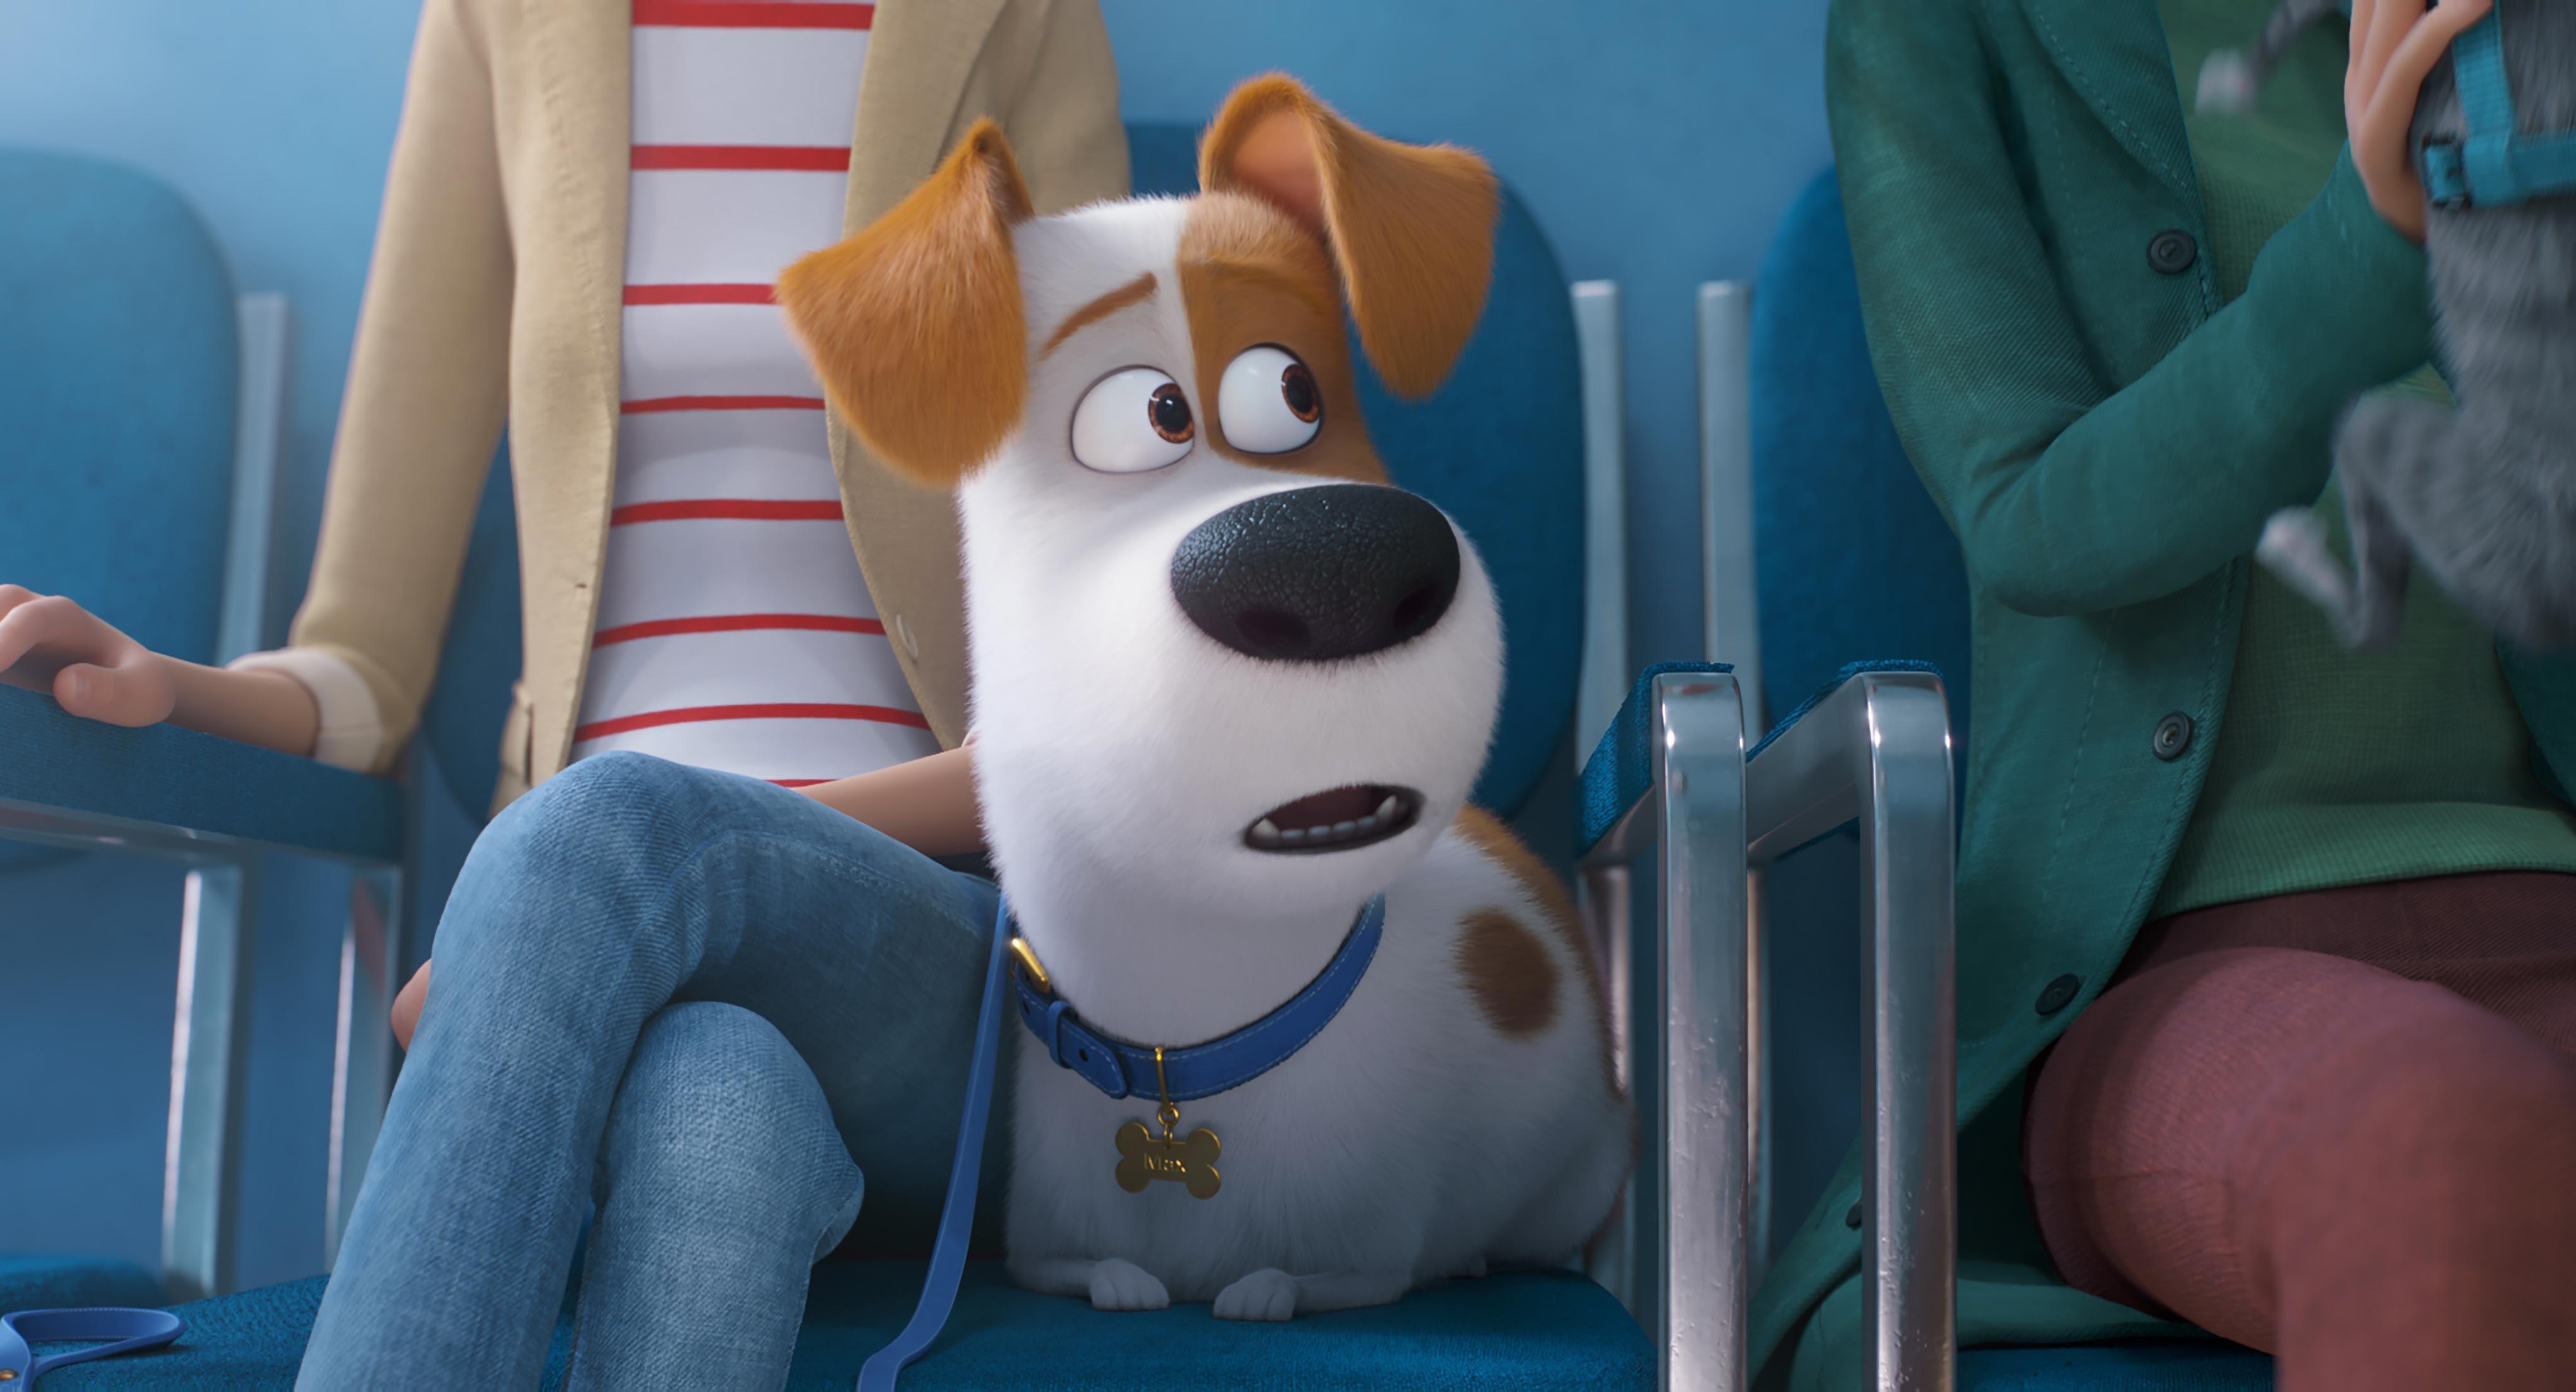 Film à voir : Comme des bêtes 2 (The Secret Life of Pets 2)